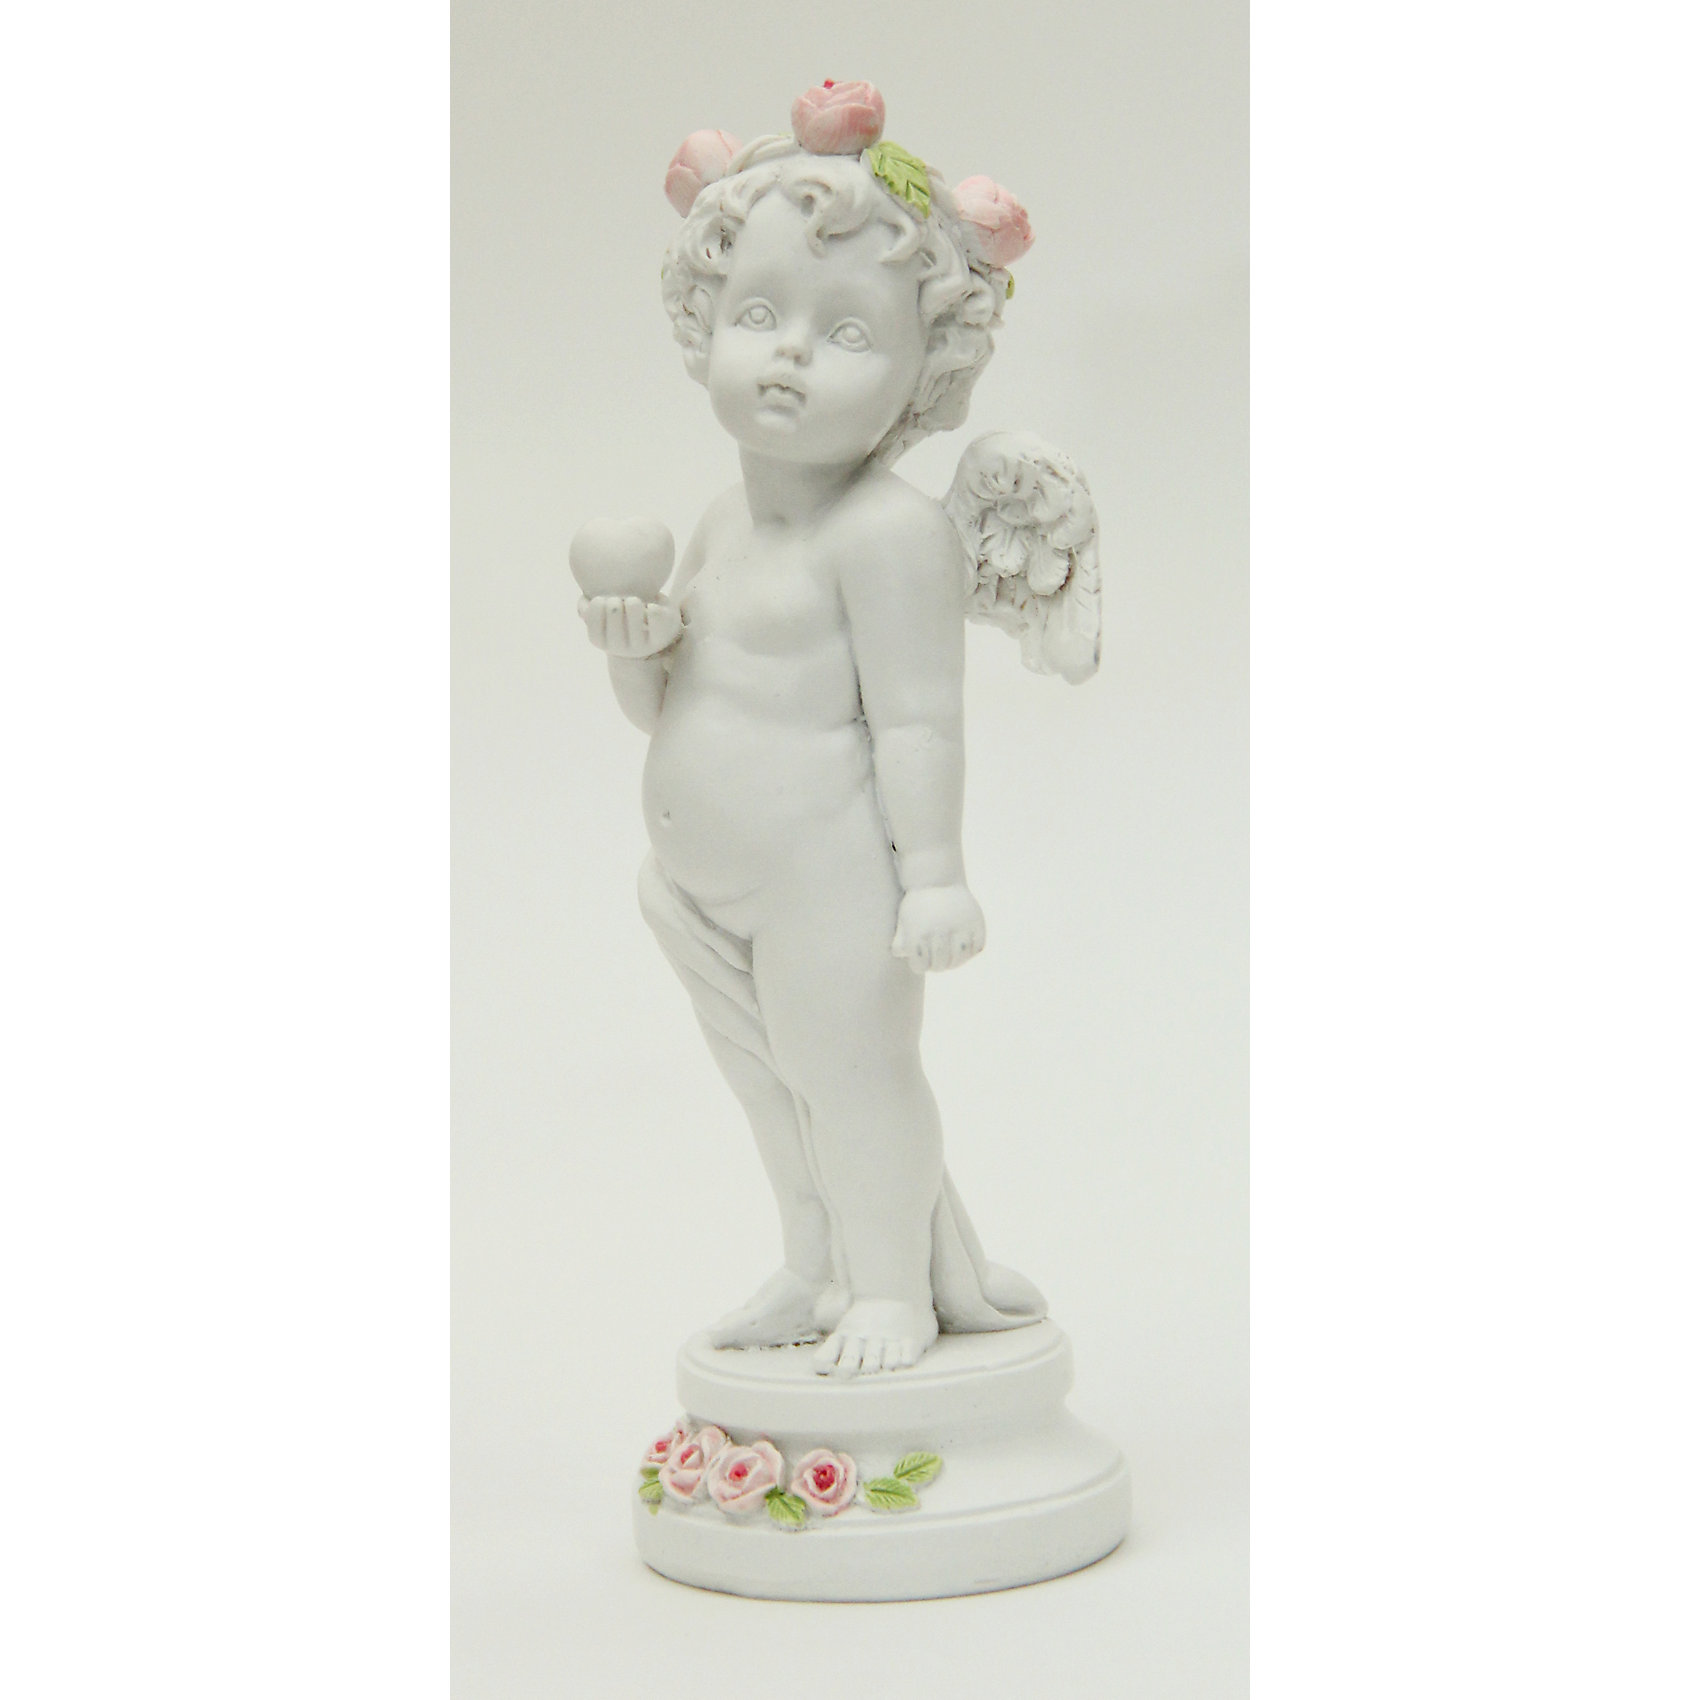 Фигурка Влюбленный ангел 4,7*4,5*12,7 смДекоративная фигурка в виде очаровательного ангела станет отличным памятным сувениром на любой праздник. <br><br>Дополнительная информация:<br><br>- Материал: полирезина.<br>- Размер: 4,7х4,5х12,7 см. <br>- Цвет: белый. <br><br>Фигурку Влюбленный ангел 4,7х4,5х12,7 см можно купить в нашем магазине.<br><br>Ширина мм: 47<br>Глубина мм: 45<br>Высота мм: 127<br>Вес г: 88<br>Возраст от месяцев: 36<br>Возраст до месяцев: 2147483647<br>Пол: Женский<br>Возраст: Детский<br>SKU: 4560525